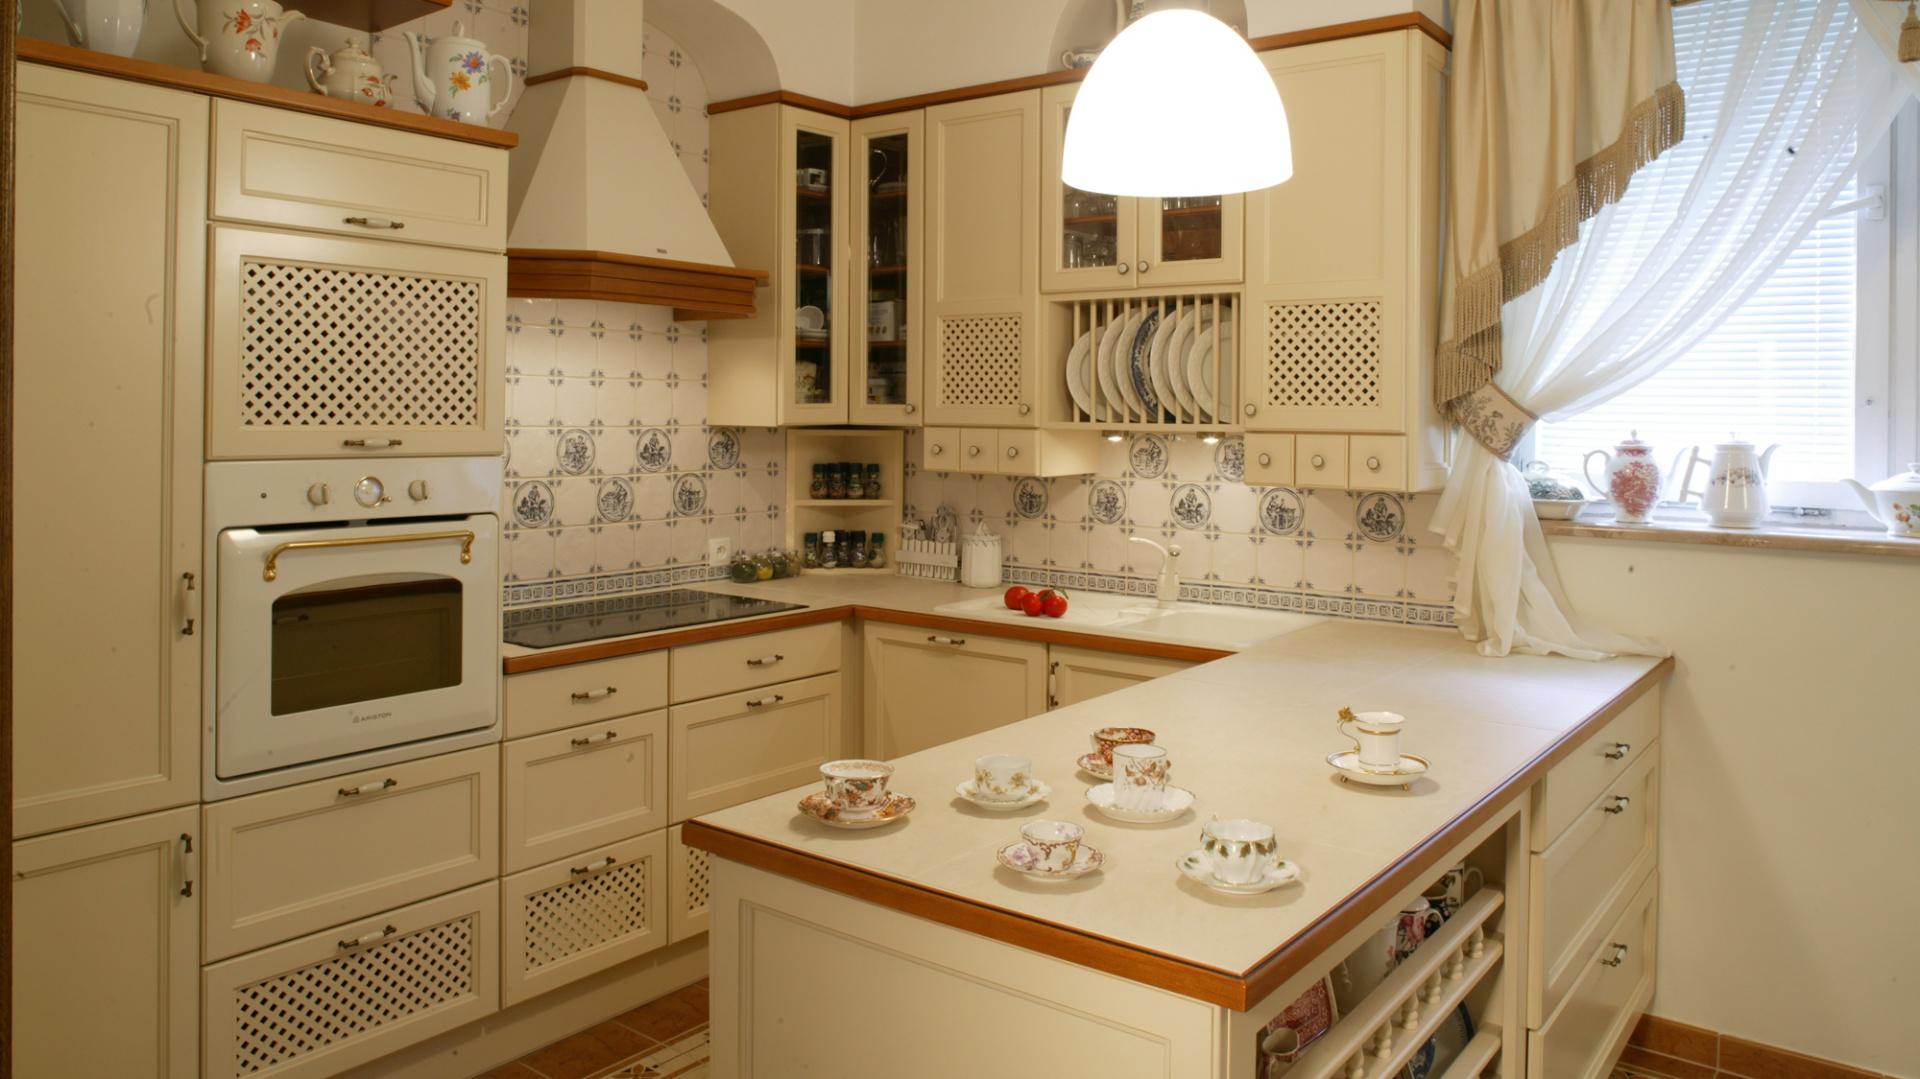 Zabudowa kuchenna (Vilis, Nikom) wykonana została z litego drewna olchy. Fot. Monika Filipiuk.